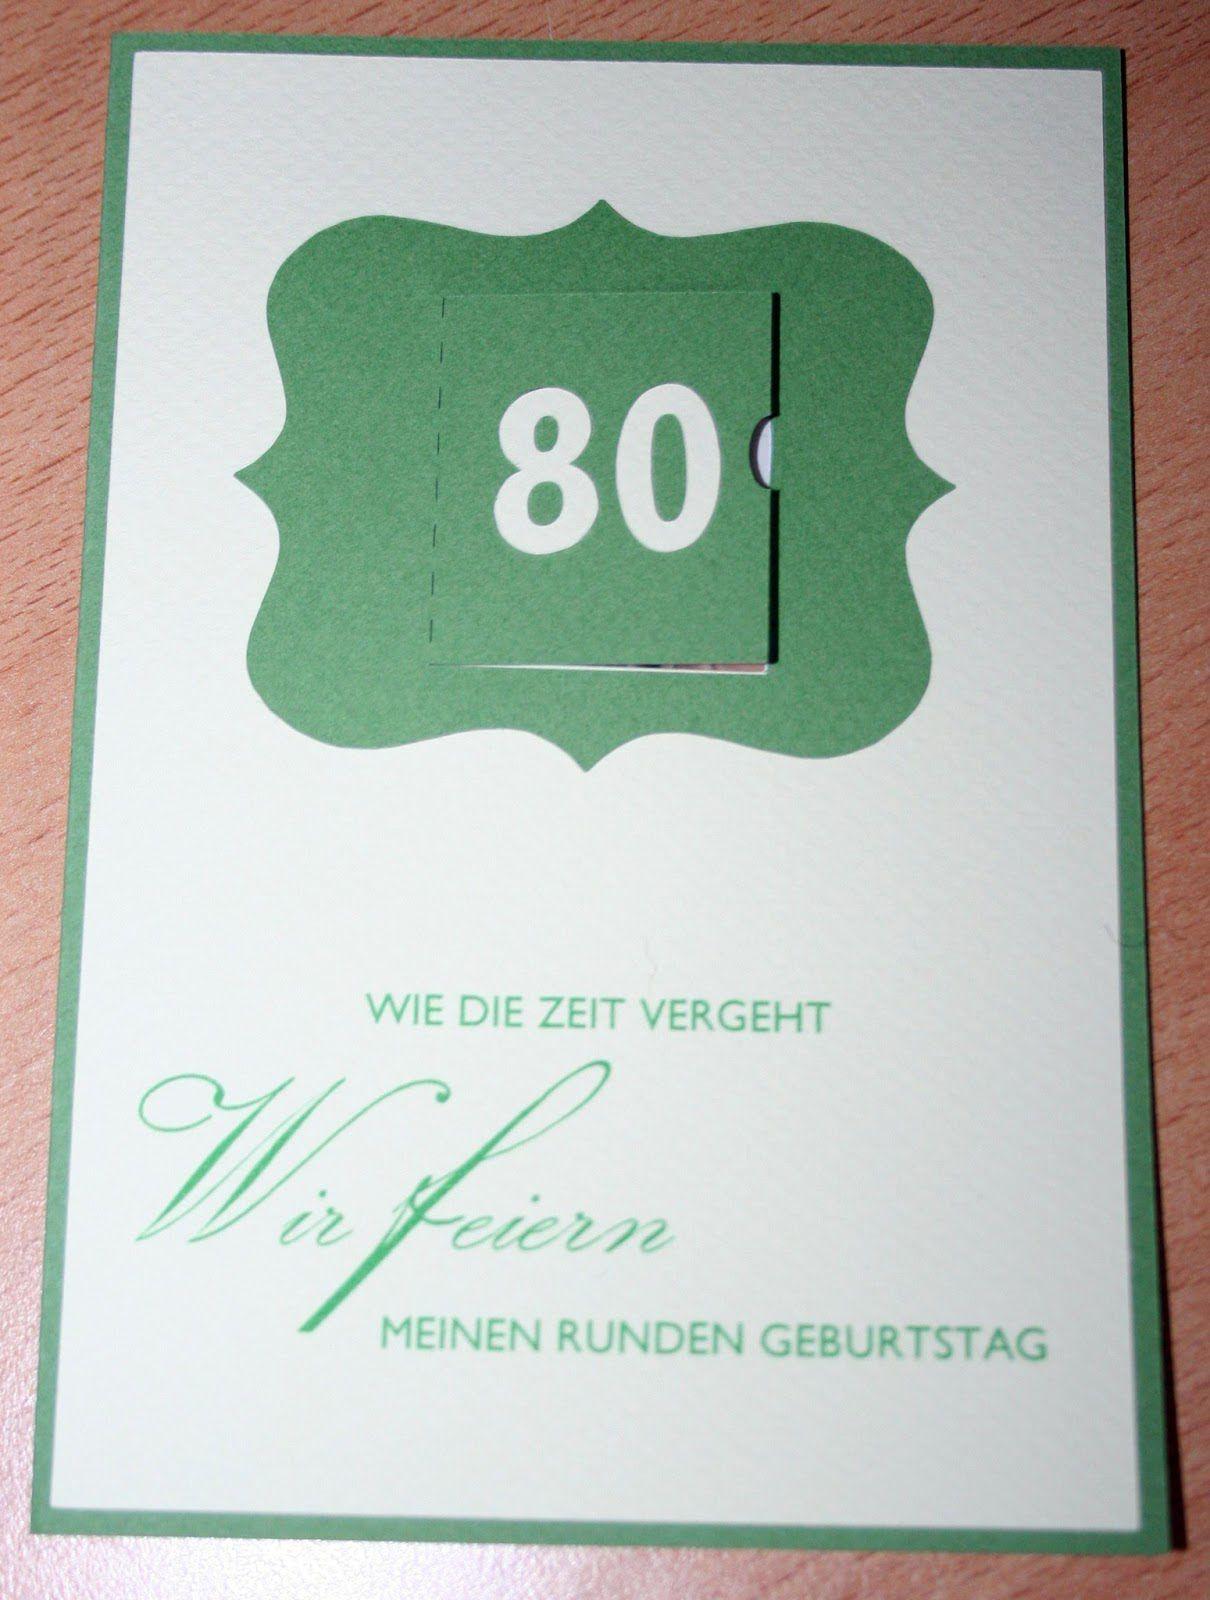 Einladung Zum 80 Geburtstag Indem Die Menschen Langsam Auf Ihr